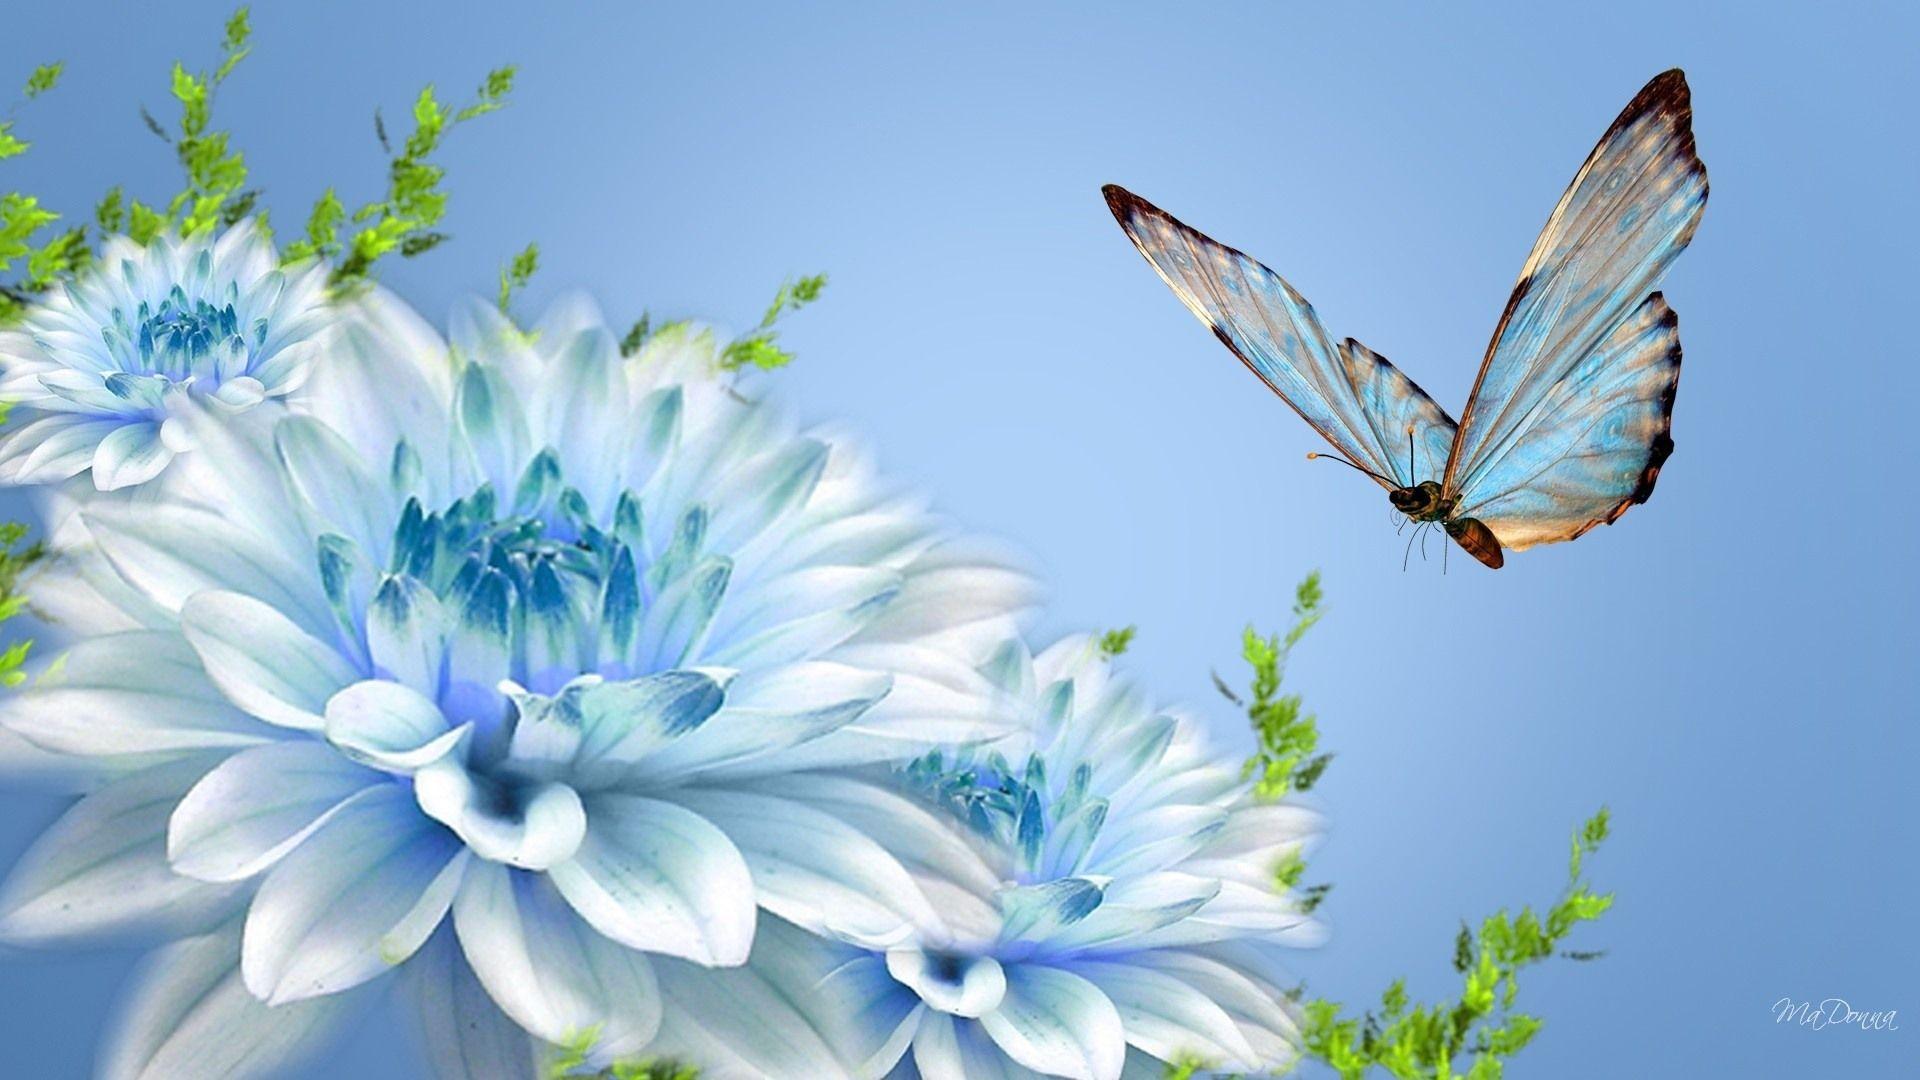 Hình nền con bướm đẹp 1920x1080